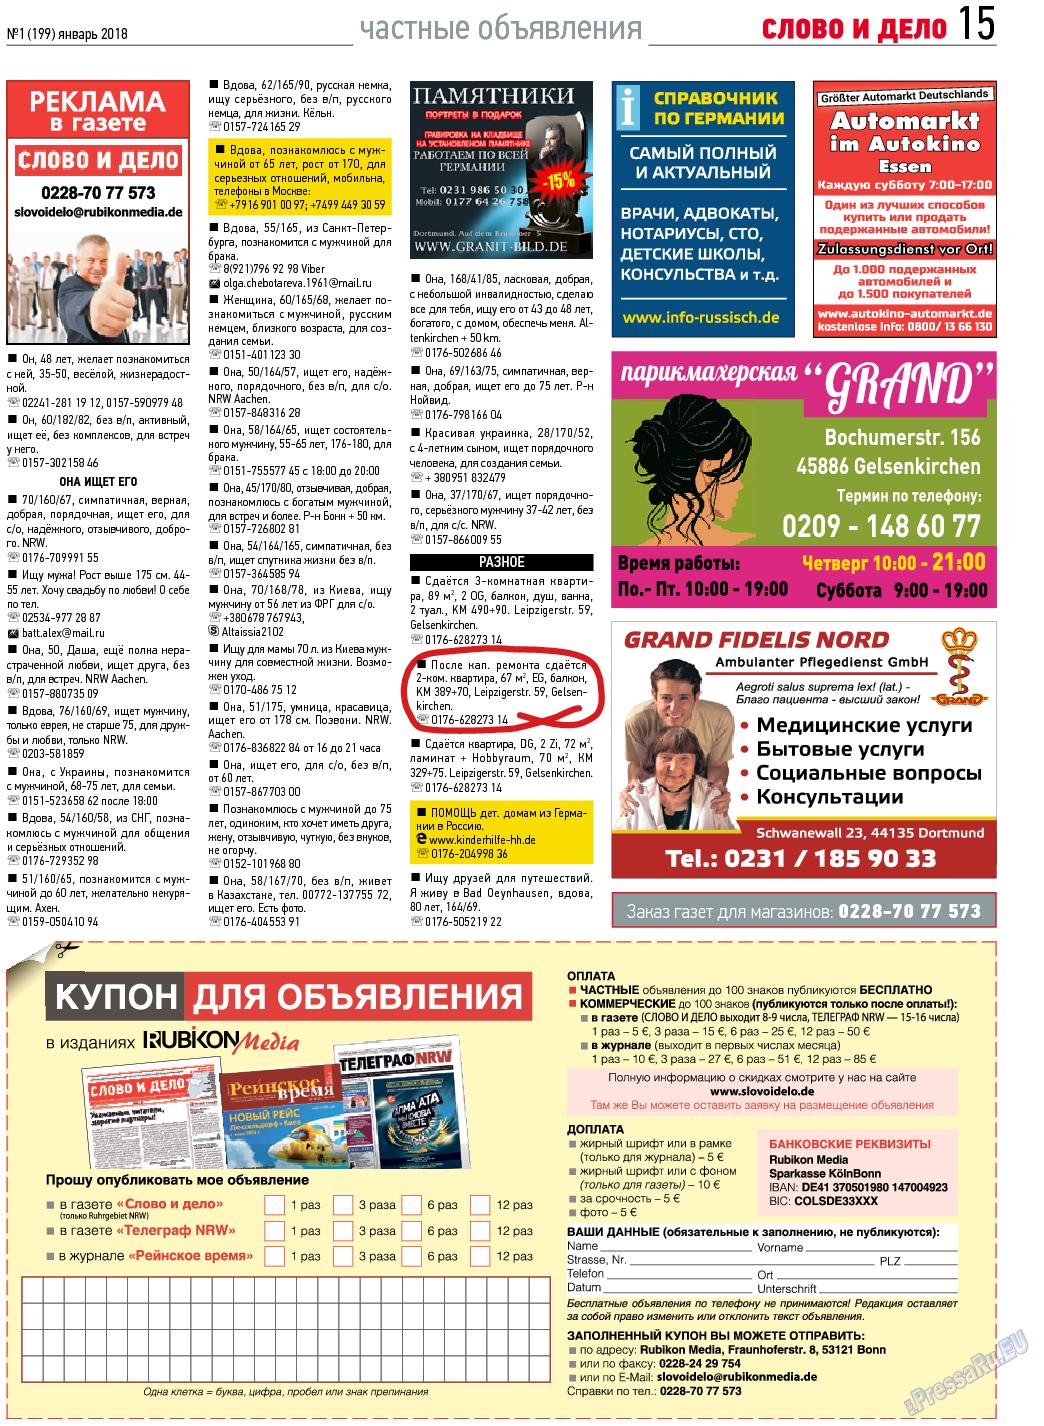 Объявление Из Газеты Нгс Знакомства